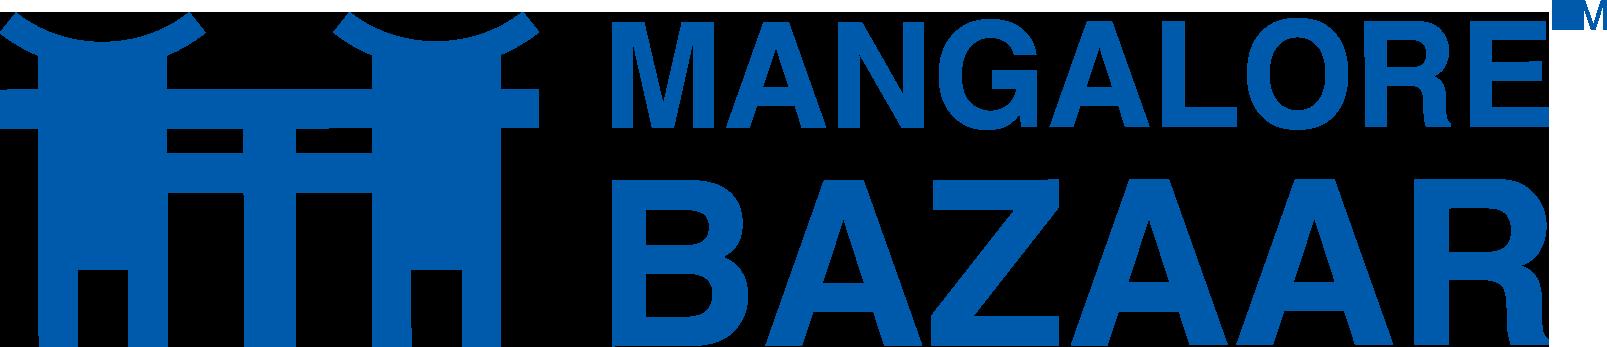 Mangalore Bazaar